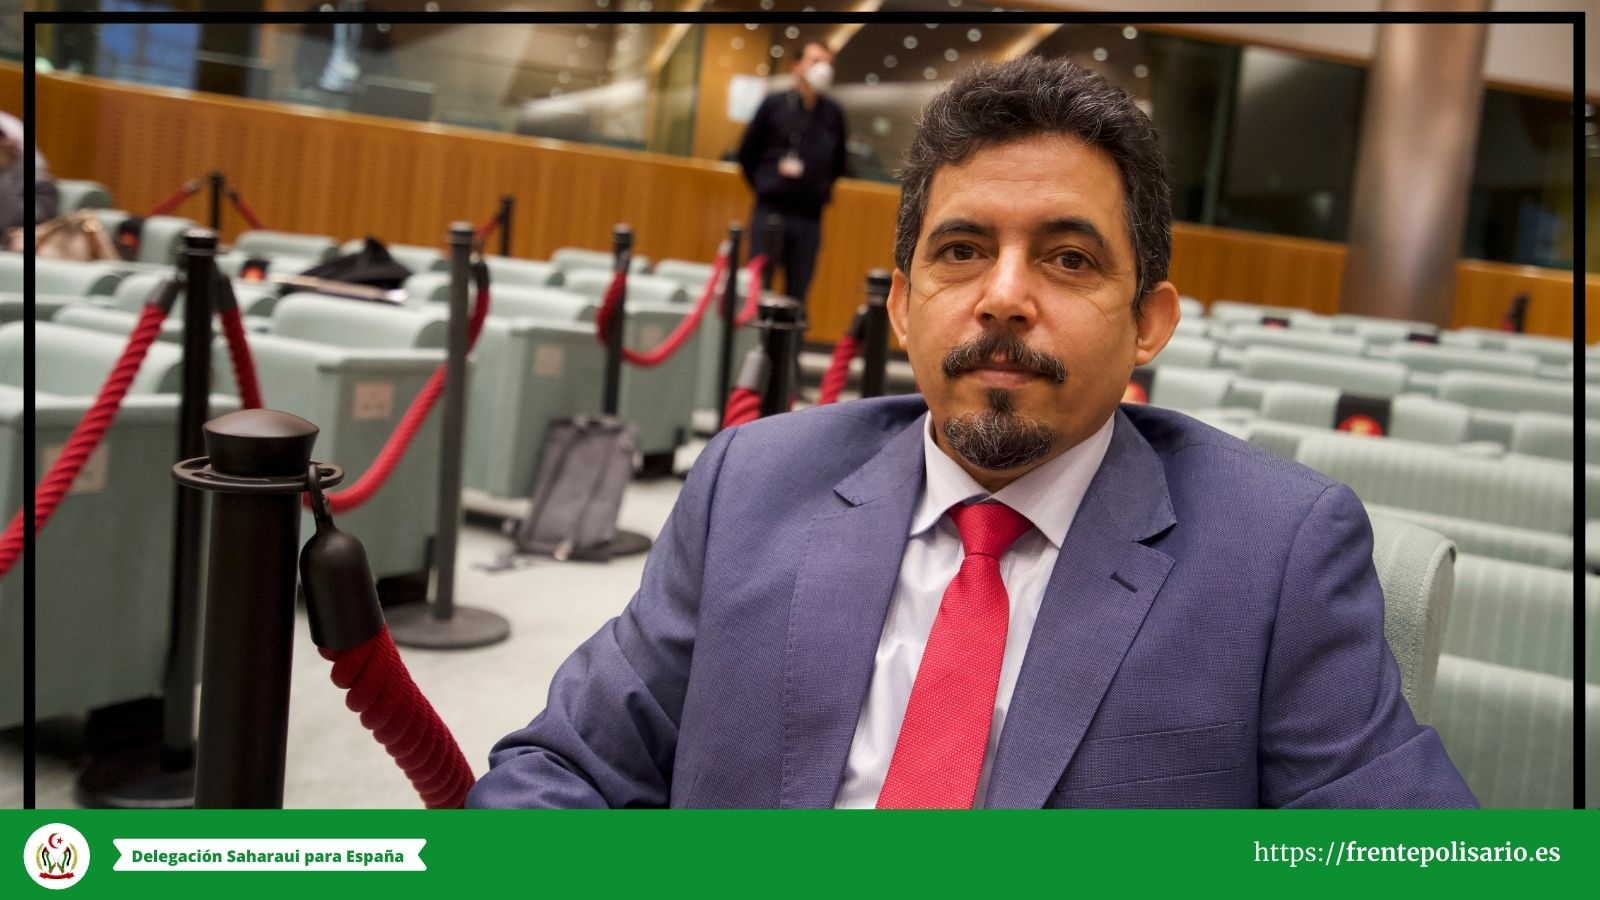 45 años de ocupación marroquí y de violación de los DDHH en el Sáhara Occidental:  ¡La impunidad debe cesar!